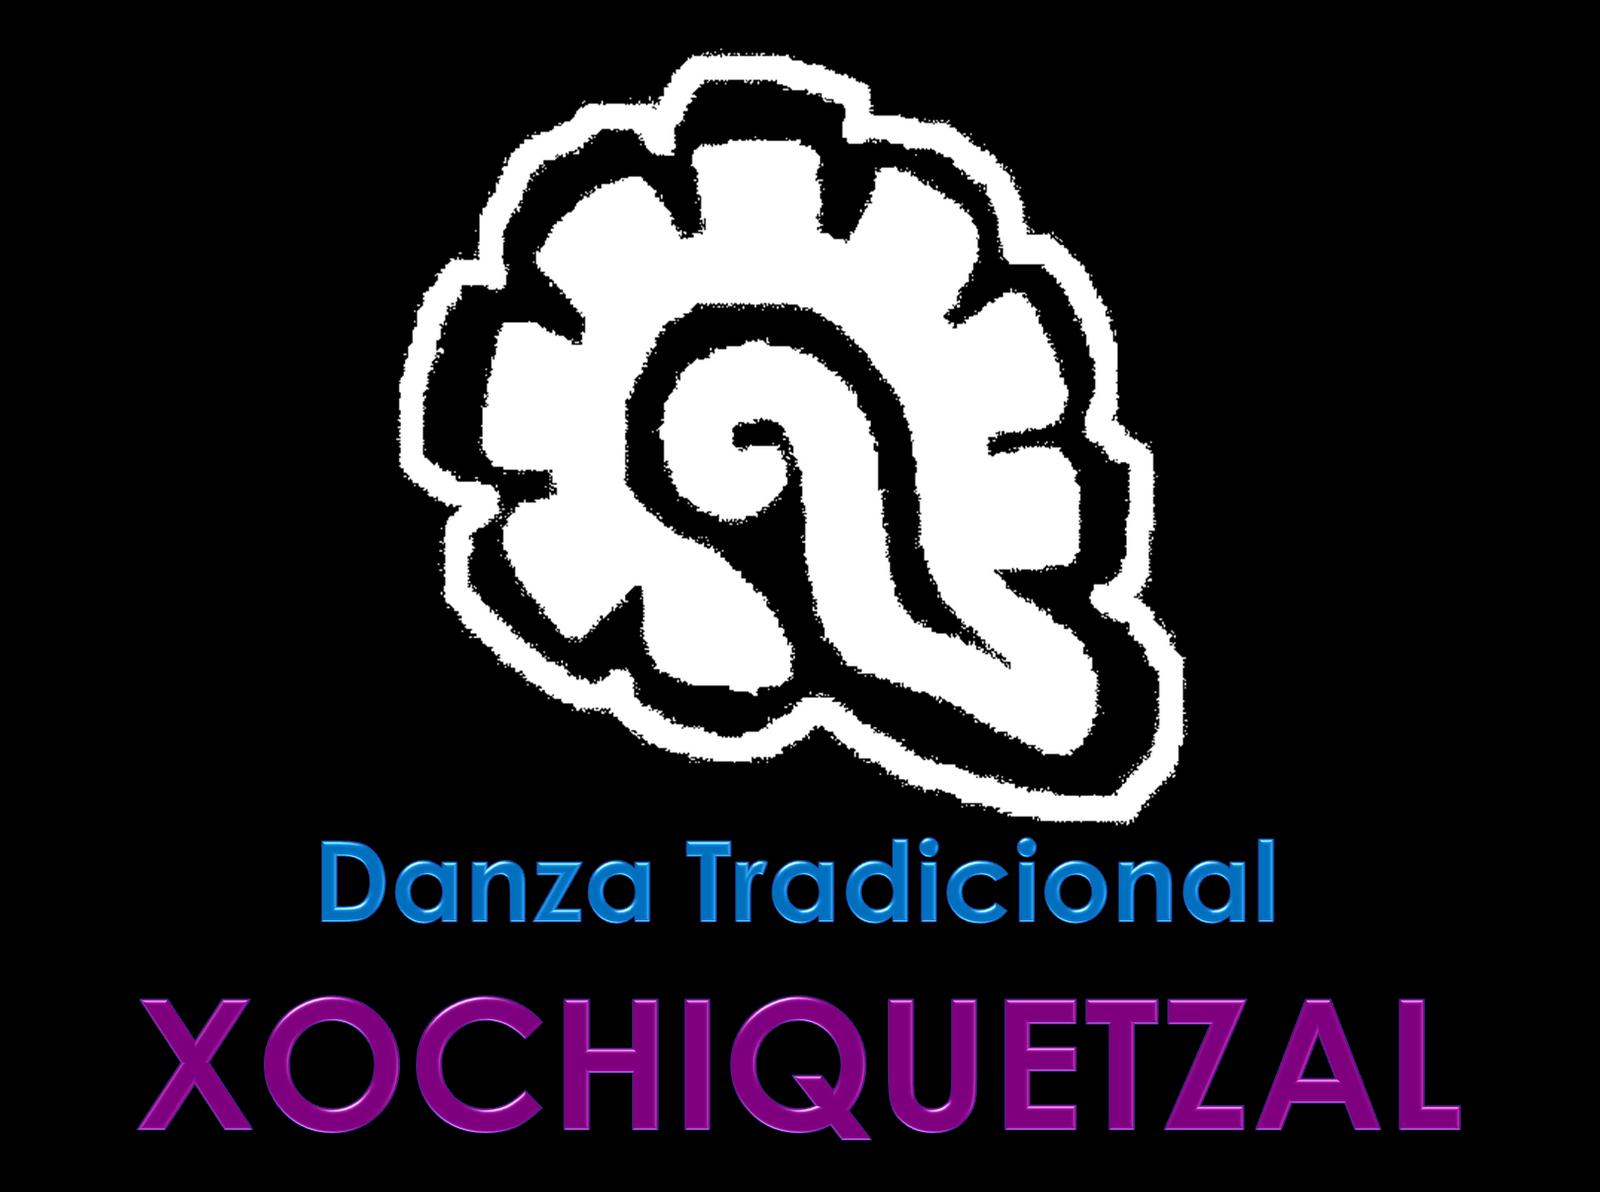 Danza Tradicional XOCHIQUETZAL